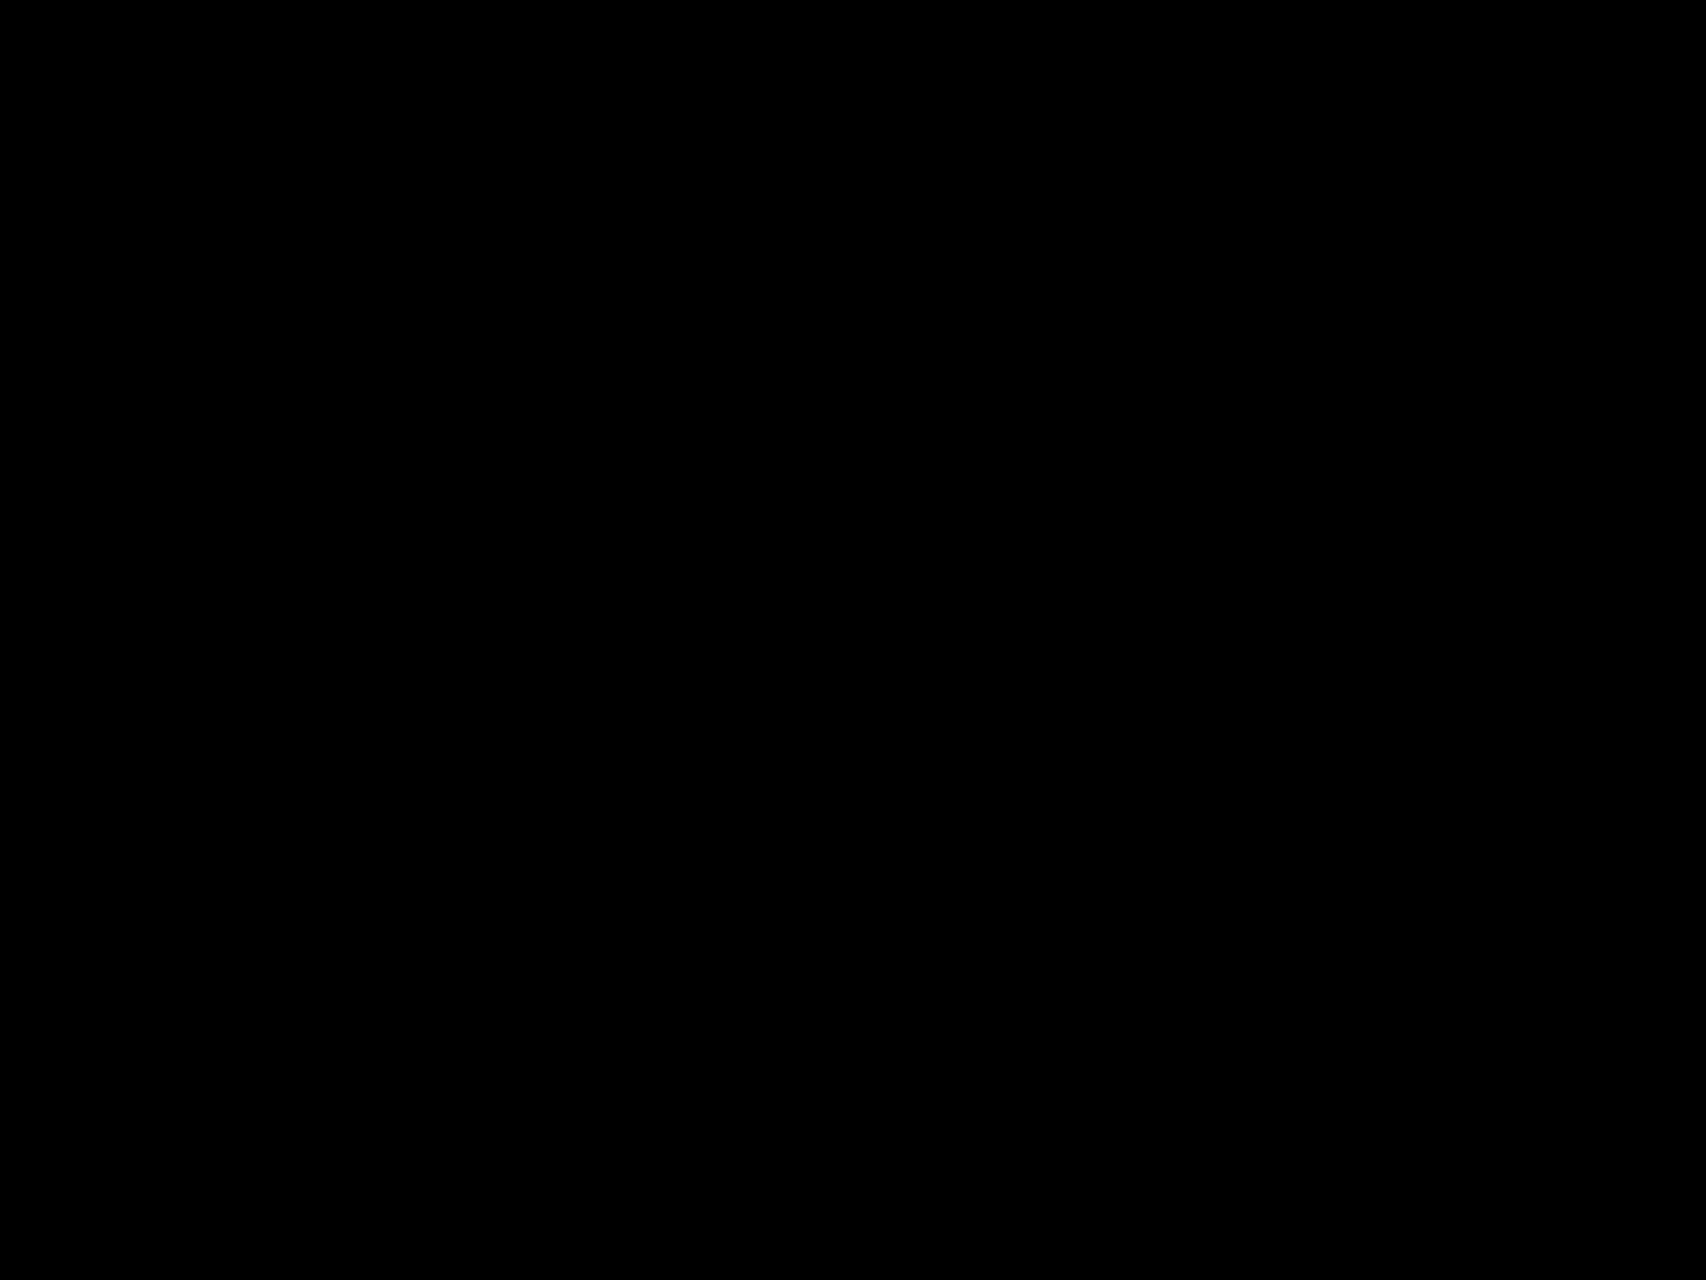 5585_08.jpg